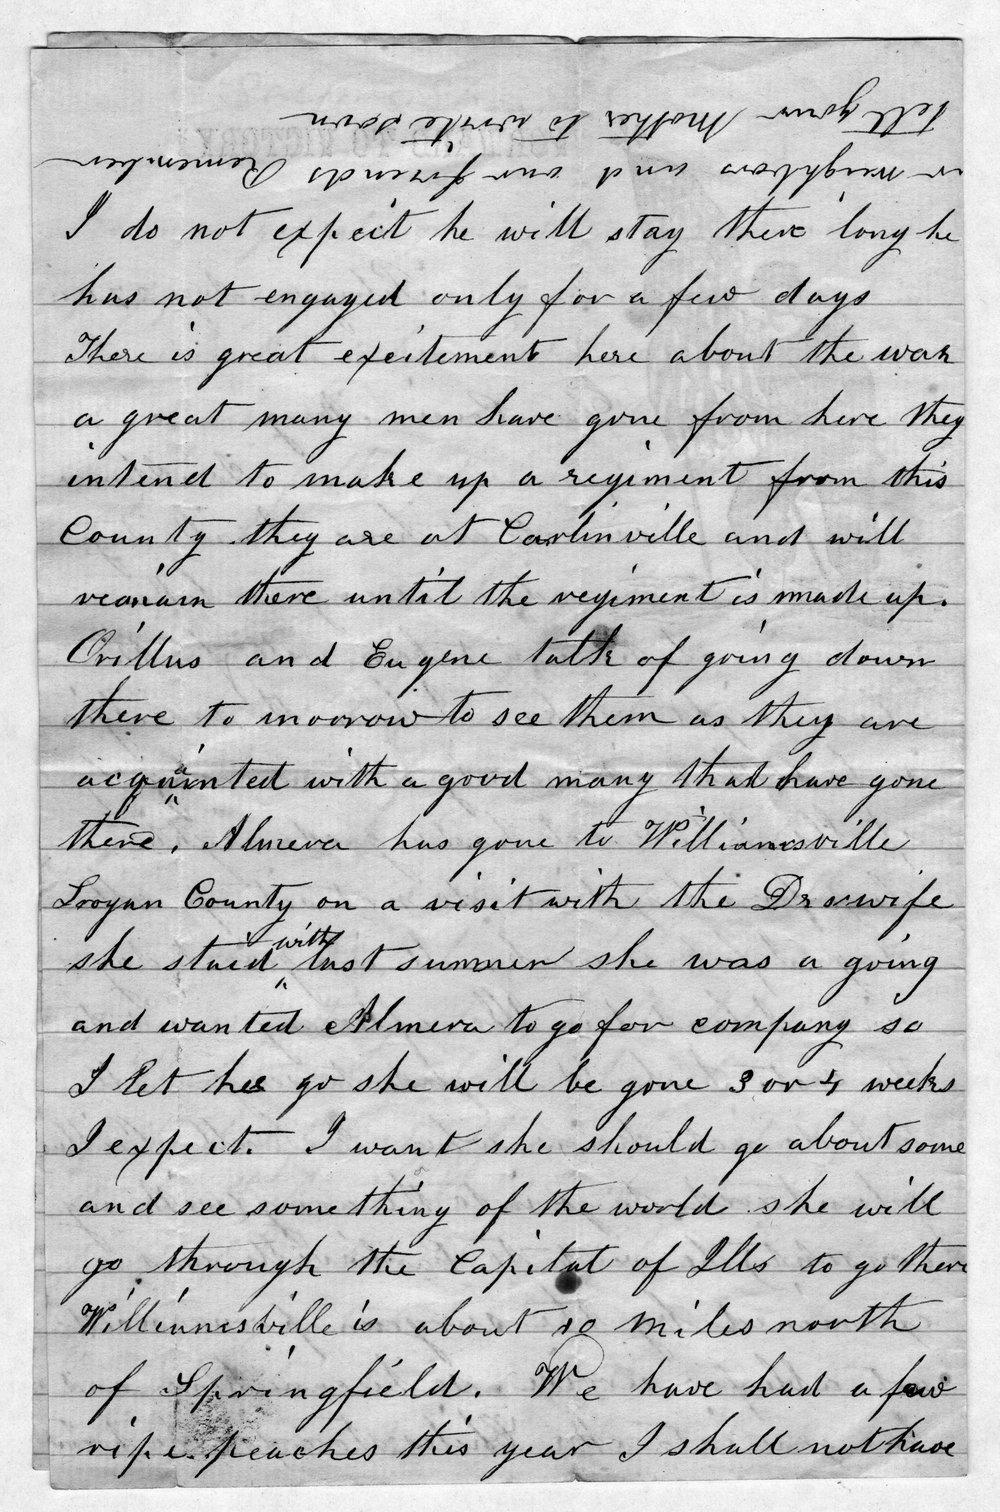 Hiram Hill family correspondence and diary - 11